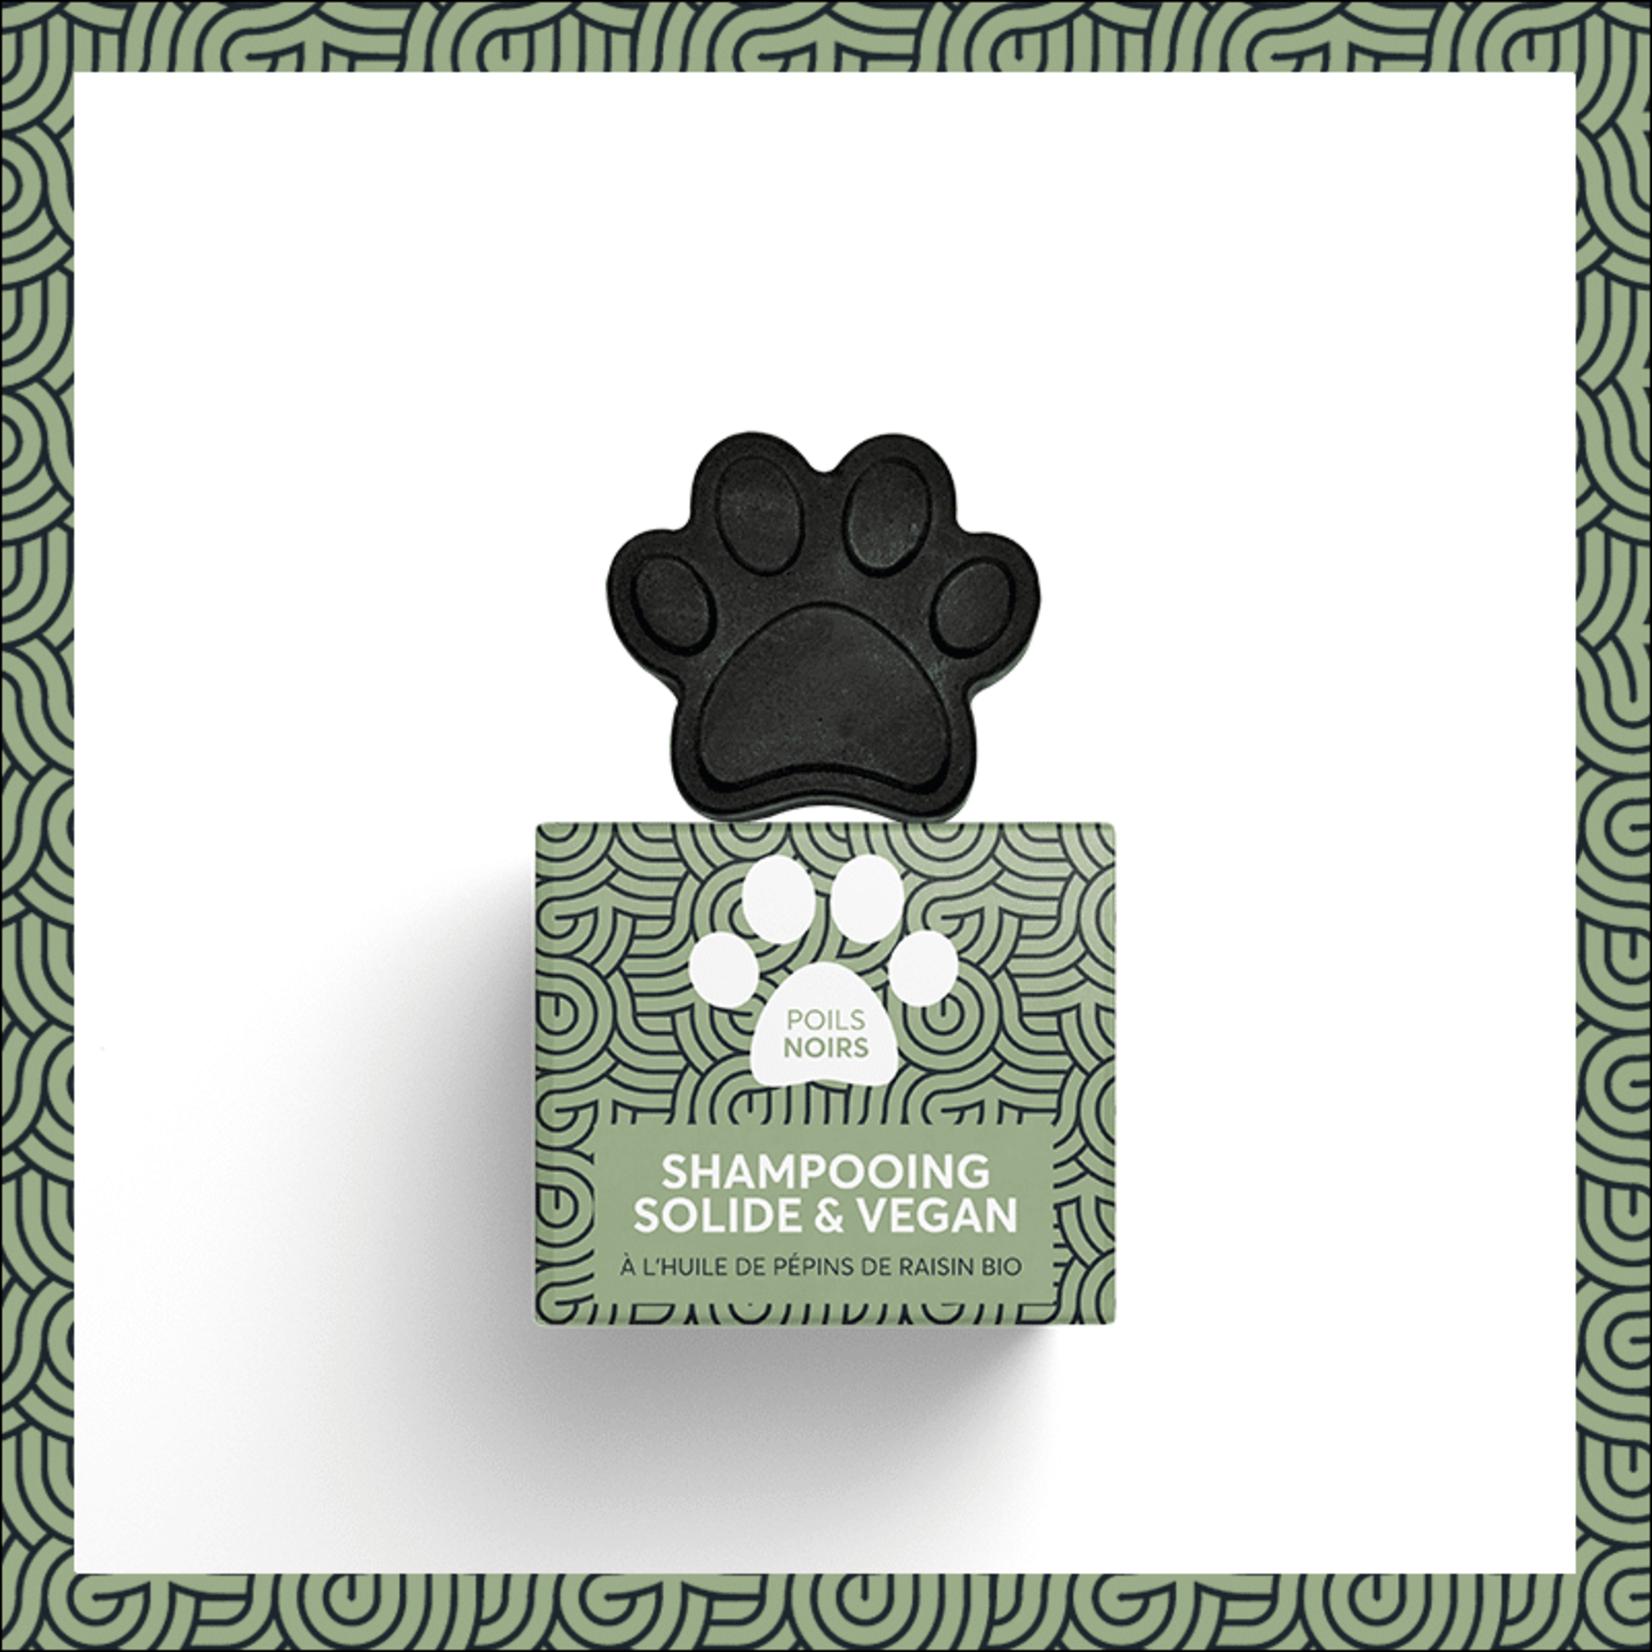 Pepet's PEPET'S Vegan Shampooblokje voor huisdieren - Zwarte/Donkere Vacht